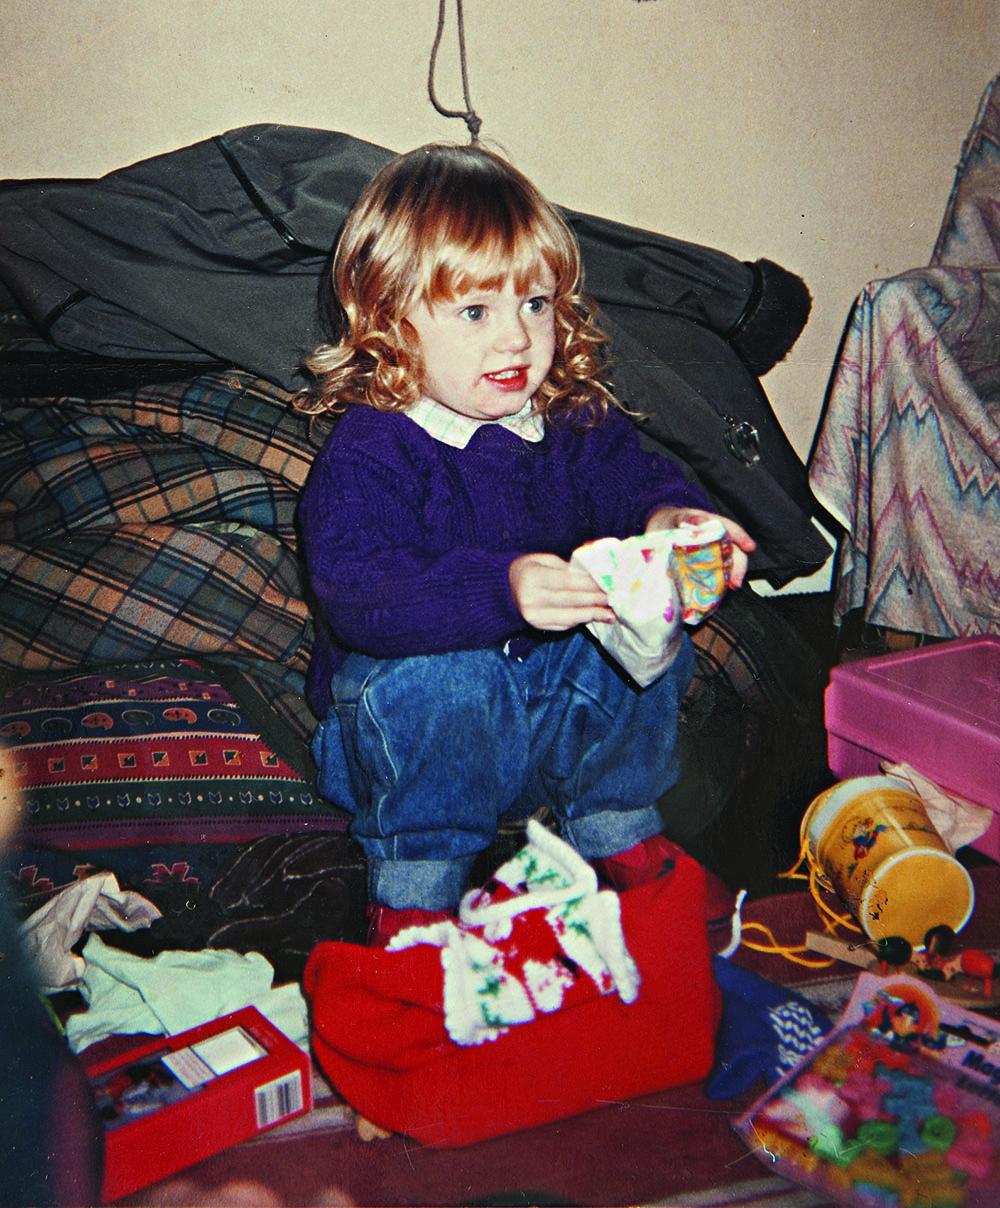 Четырехлетняя Адель Адкинс гостит на Рождество у отца, 1992 г.